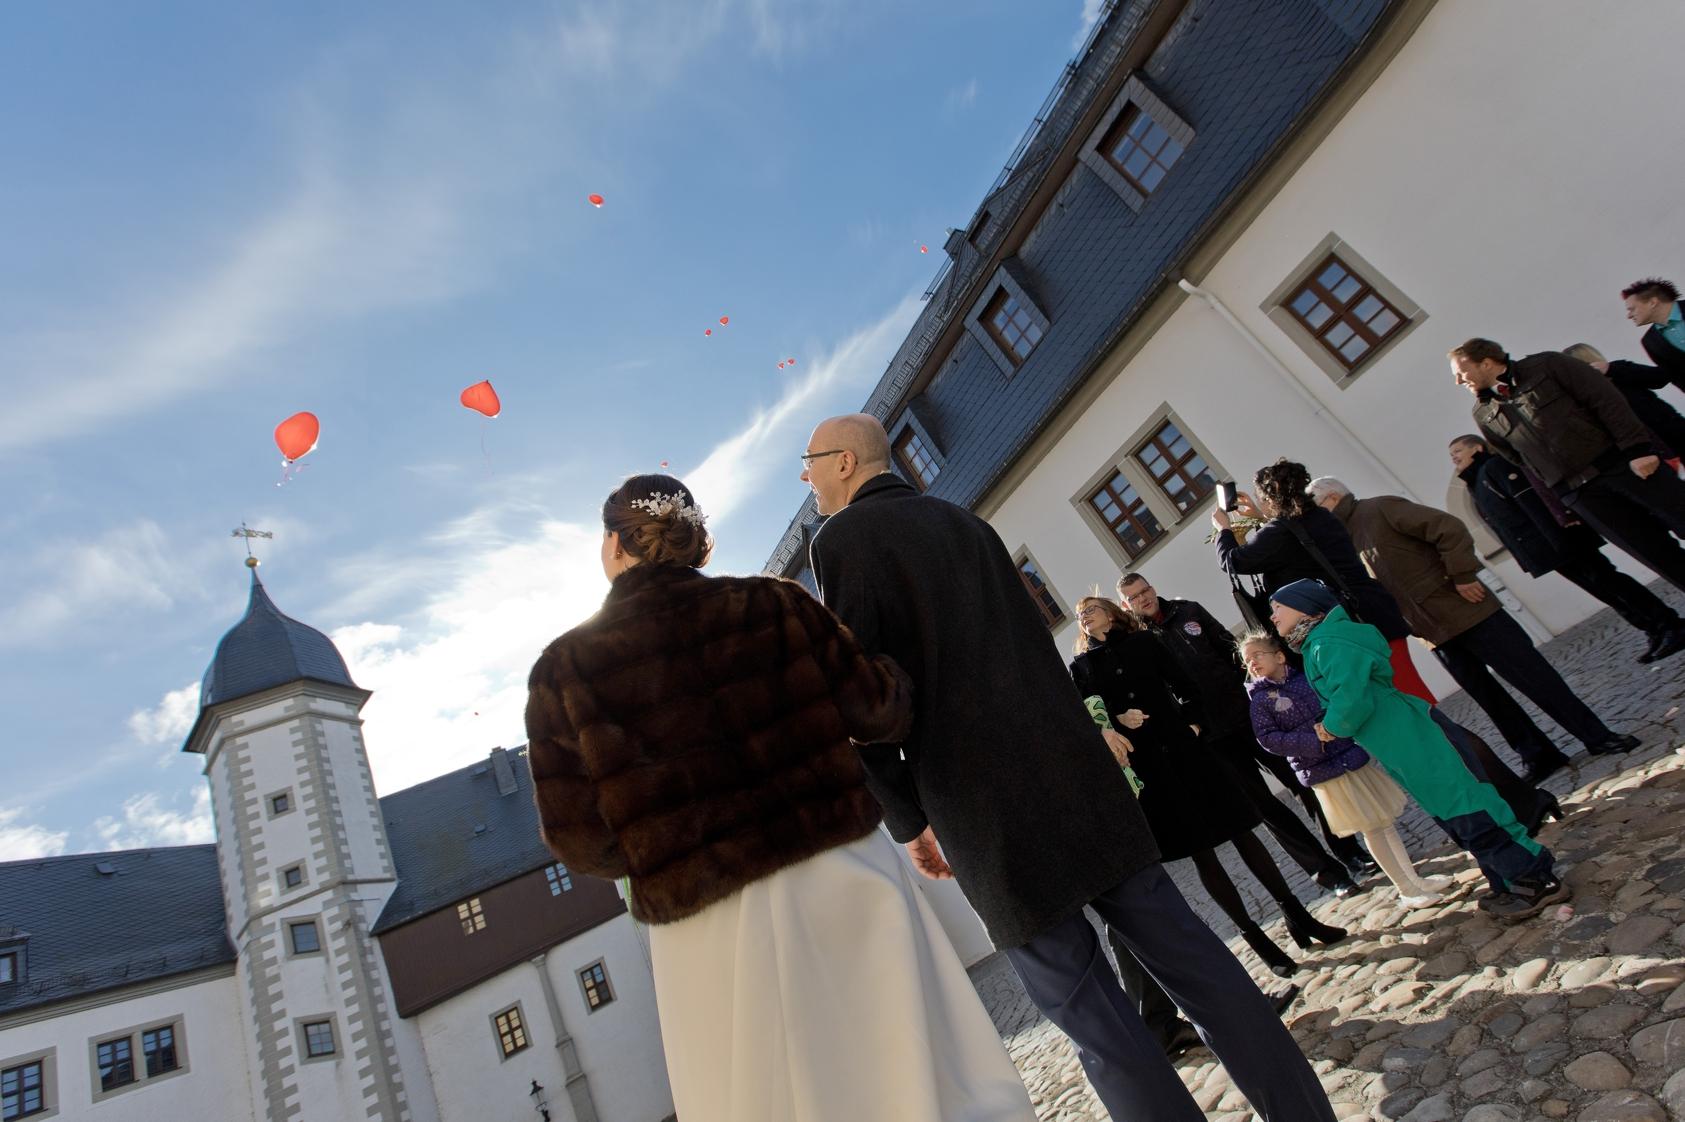 Brautpaar im Schlosshof von Schloss Wildeck in Zschopau lässt Luftballons in den Himmel steigen.